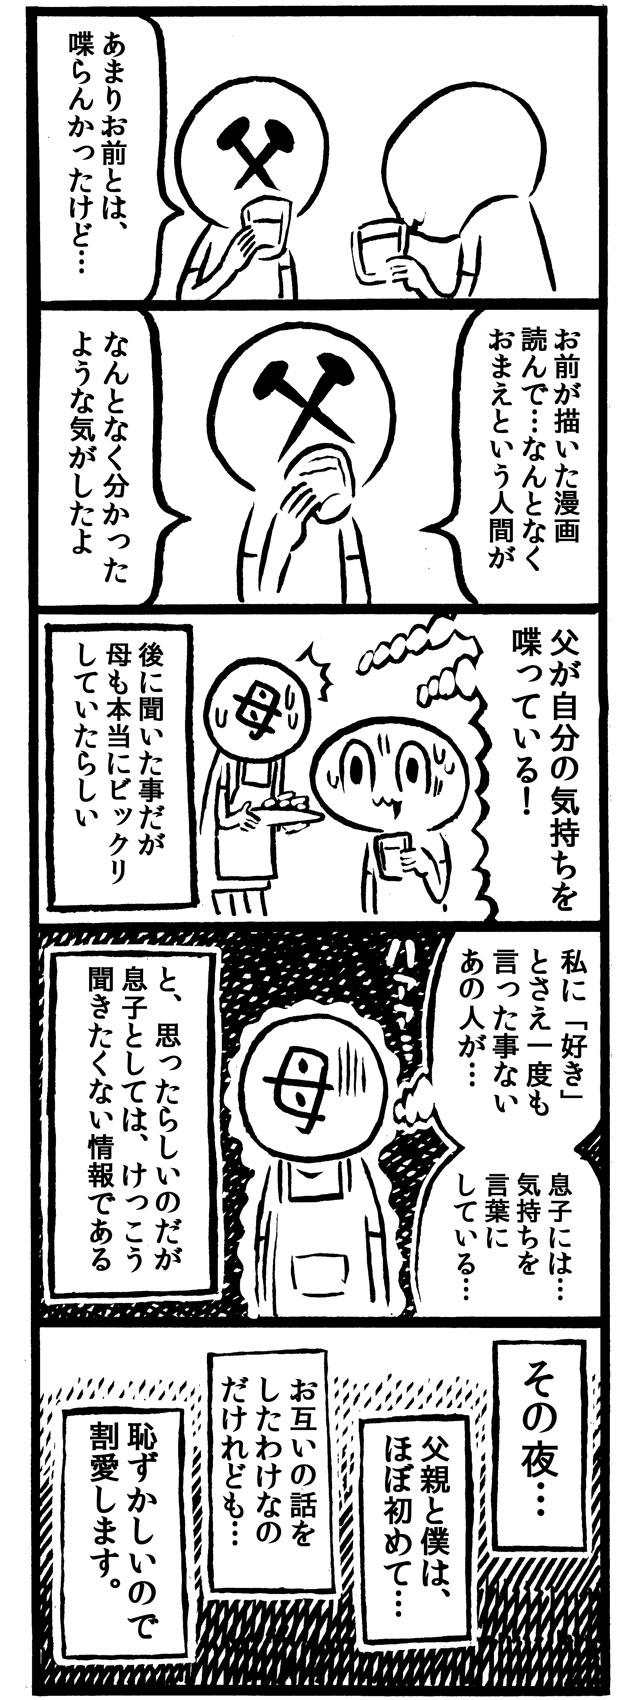 f:id:kakijiro:20151109160806j:plain